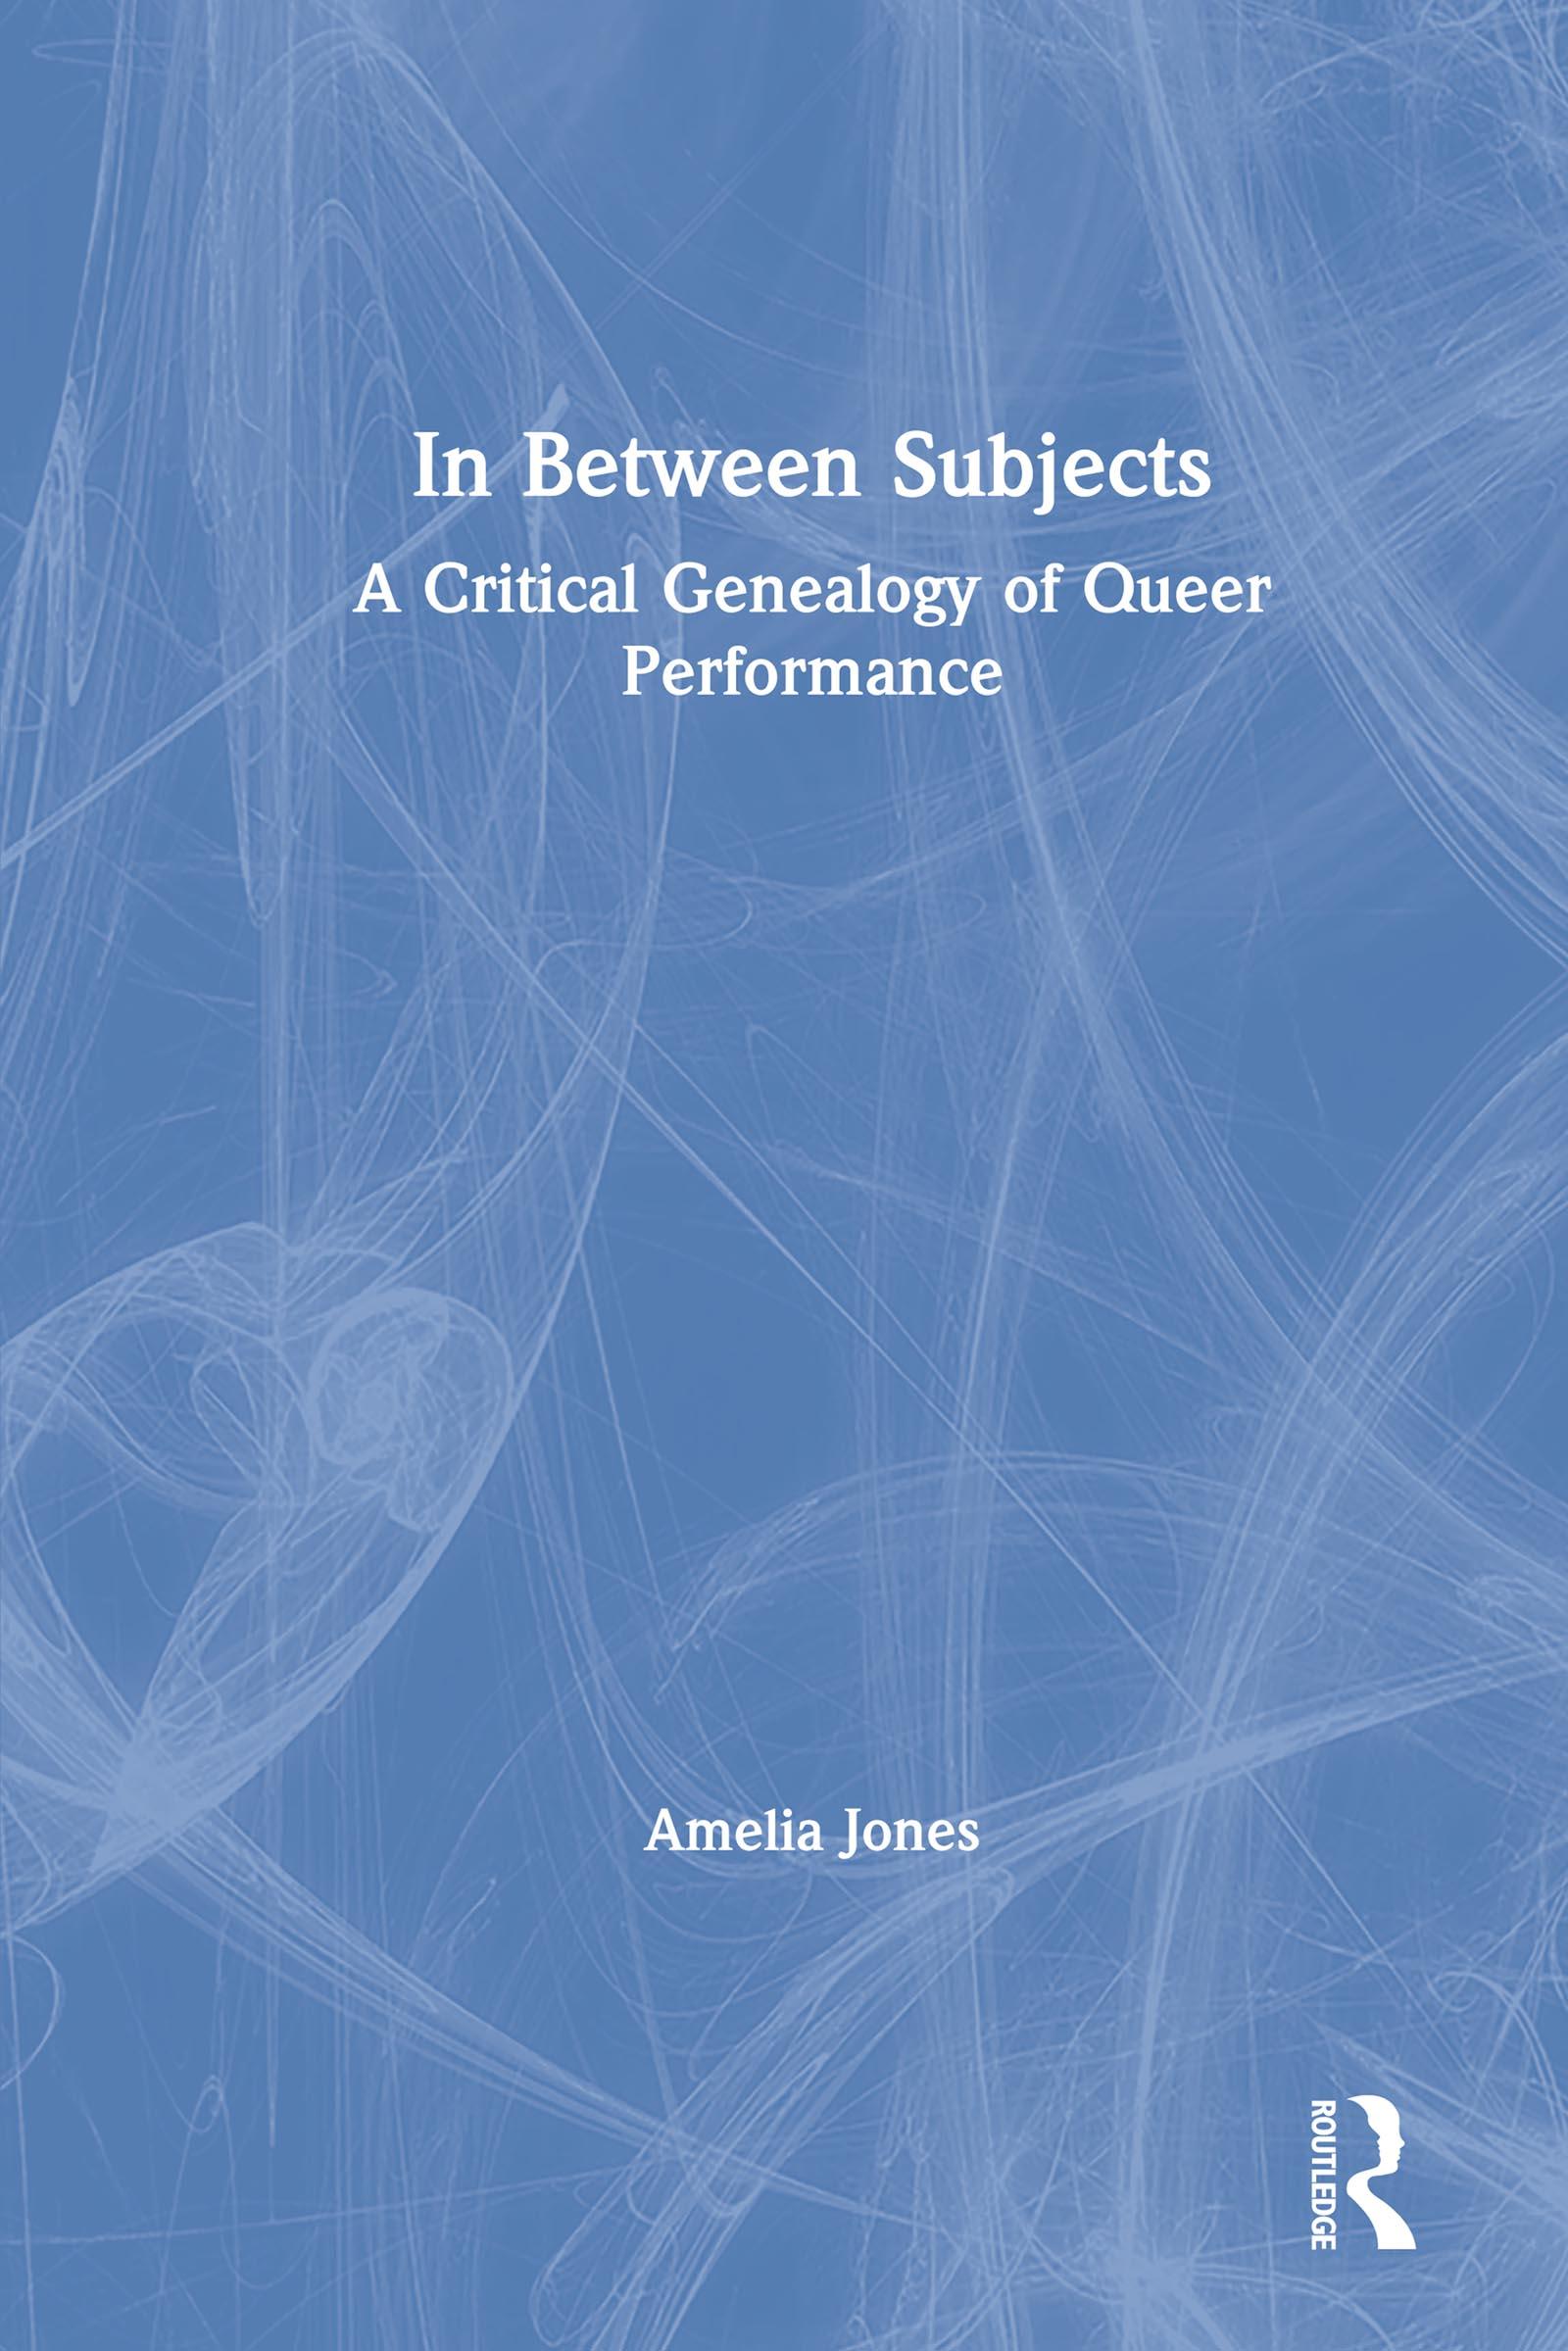 In Between Subjects